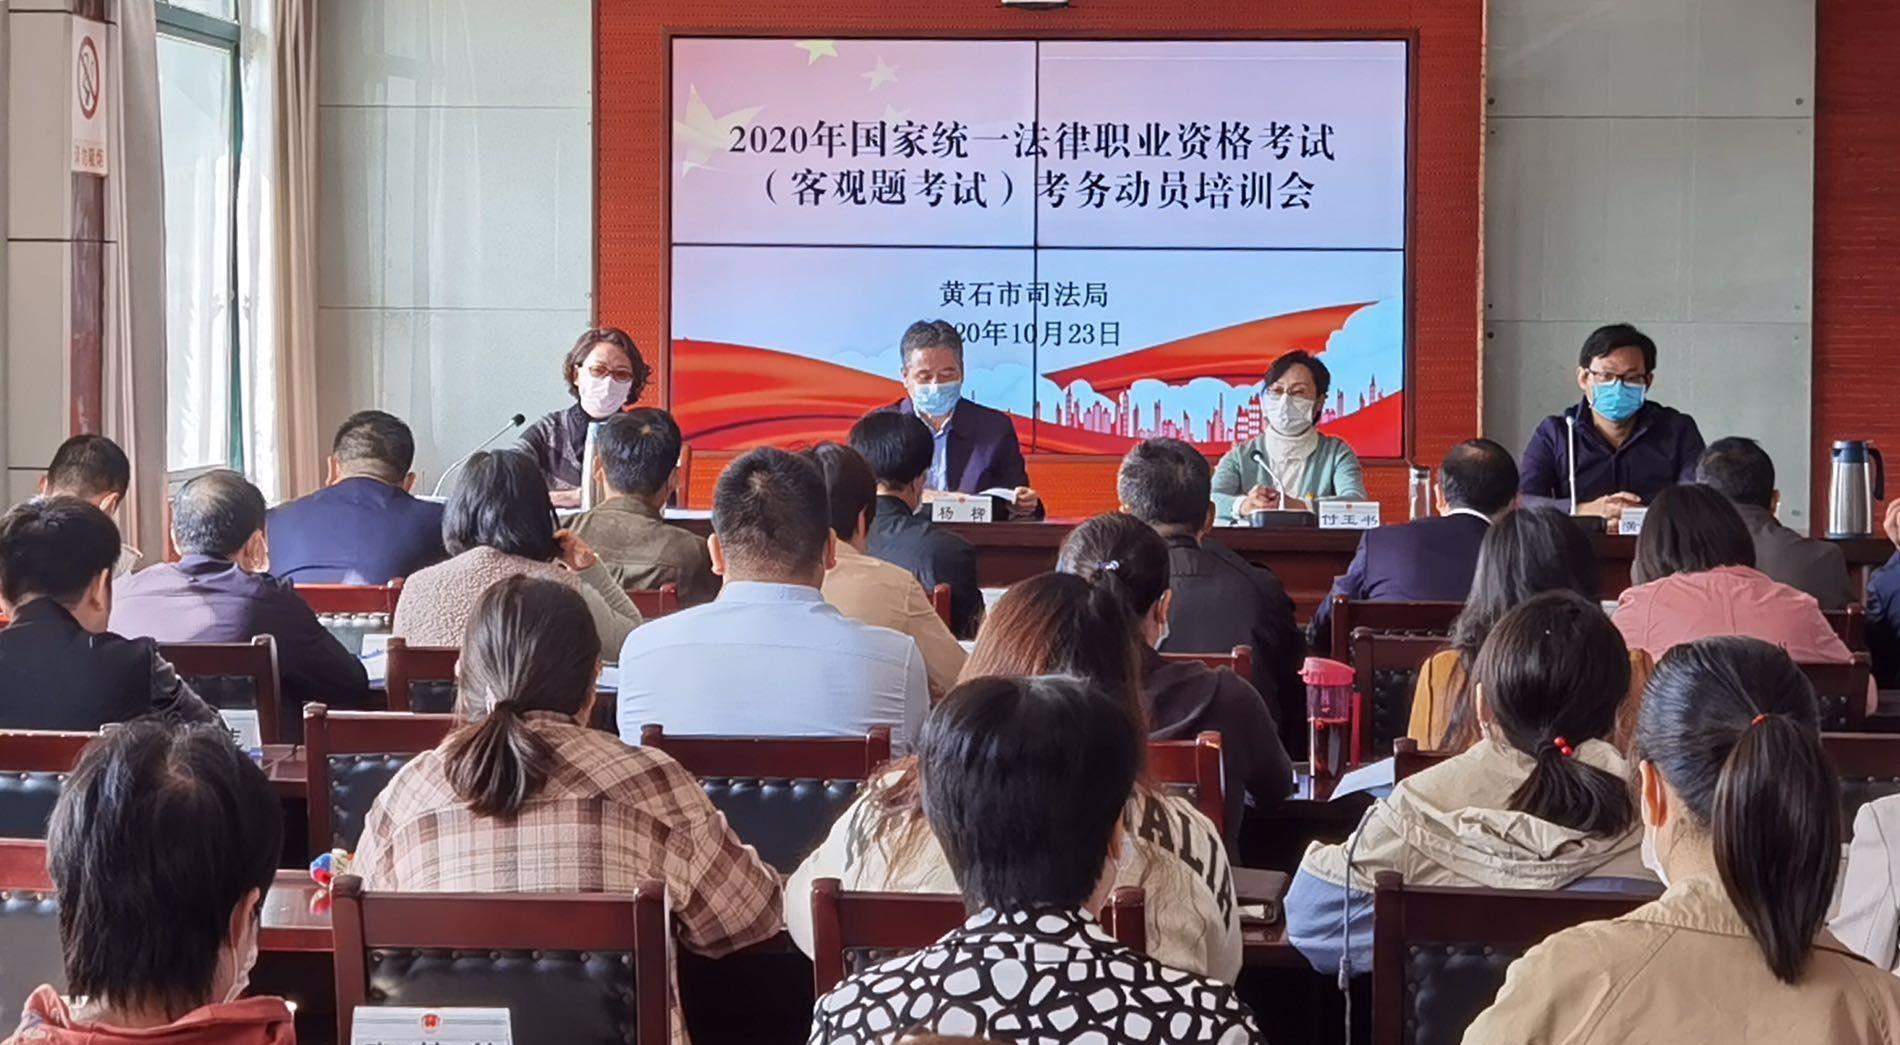 黄石市司法局召开2020年国家统一法律职业资格考试考前动员部署暨考务培训会